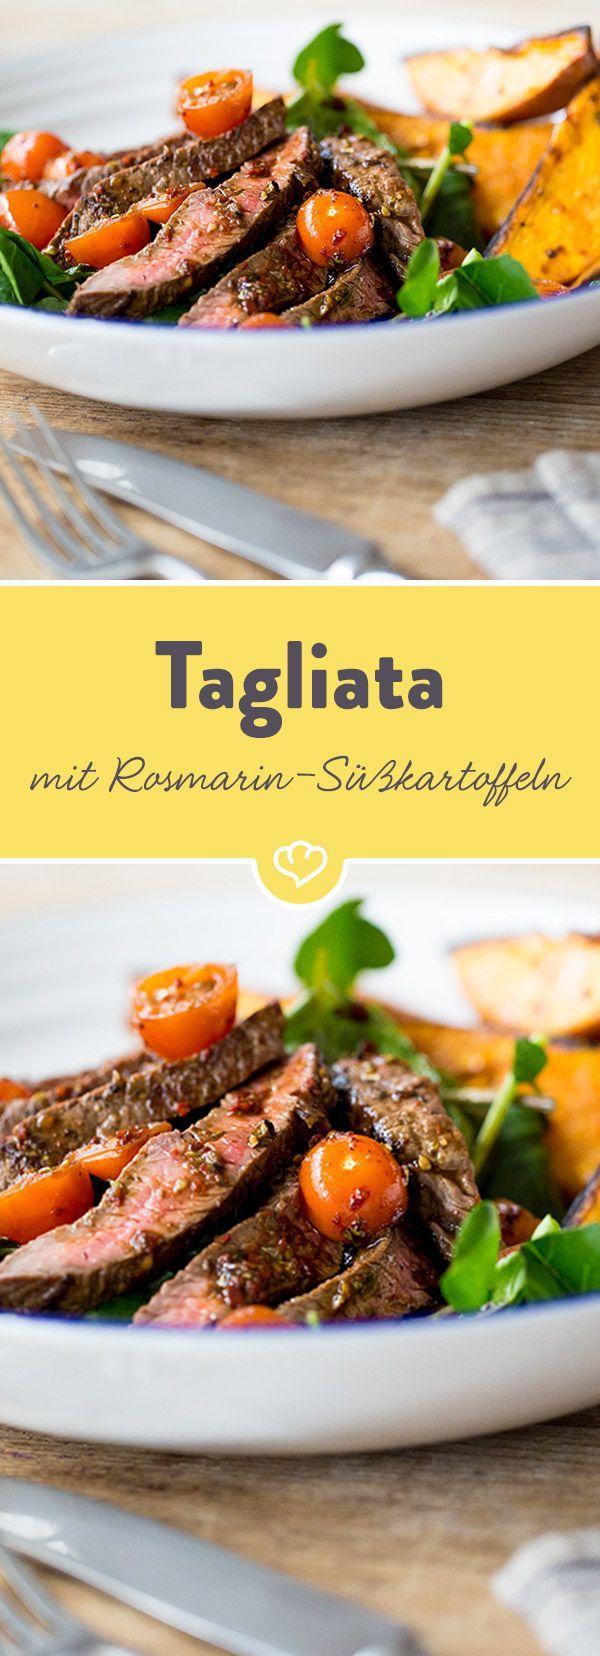 Das herzhafte Steakfleisch schmeckt im Kombination mit Süßkartoffeln besonders gut. Durch die Tomaten und die Brunnenkresse erhält das Gericht zusätzliche Frische.